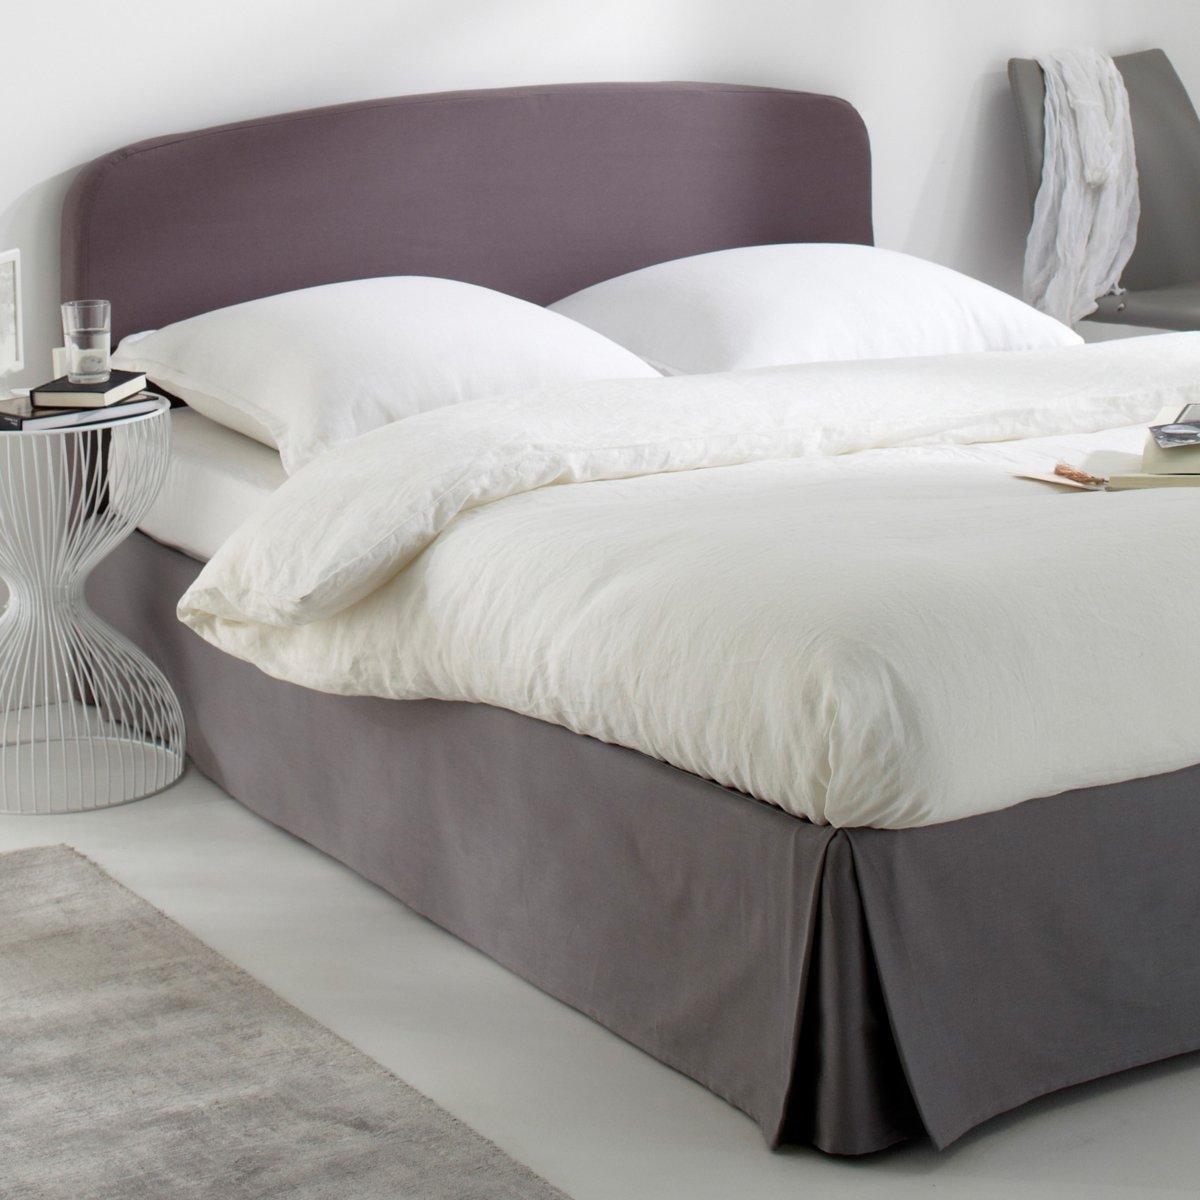 Чехол для изголовья кровати от La Redoute